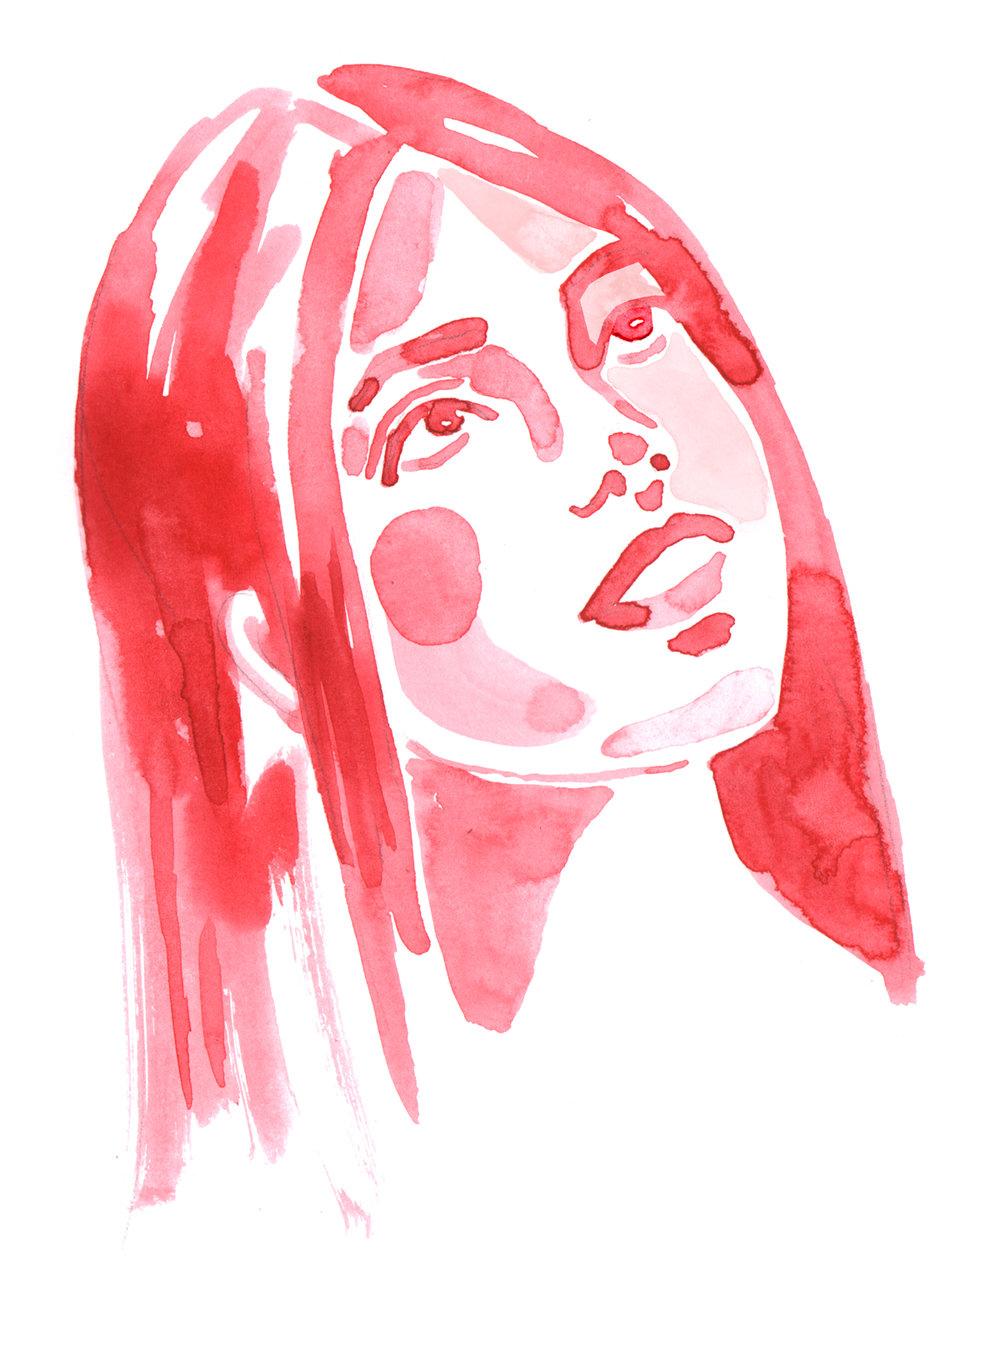 AQ_Portrait_1.jpg